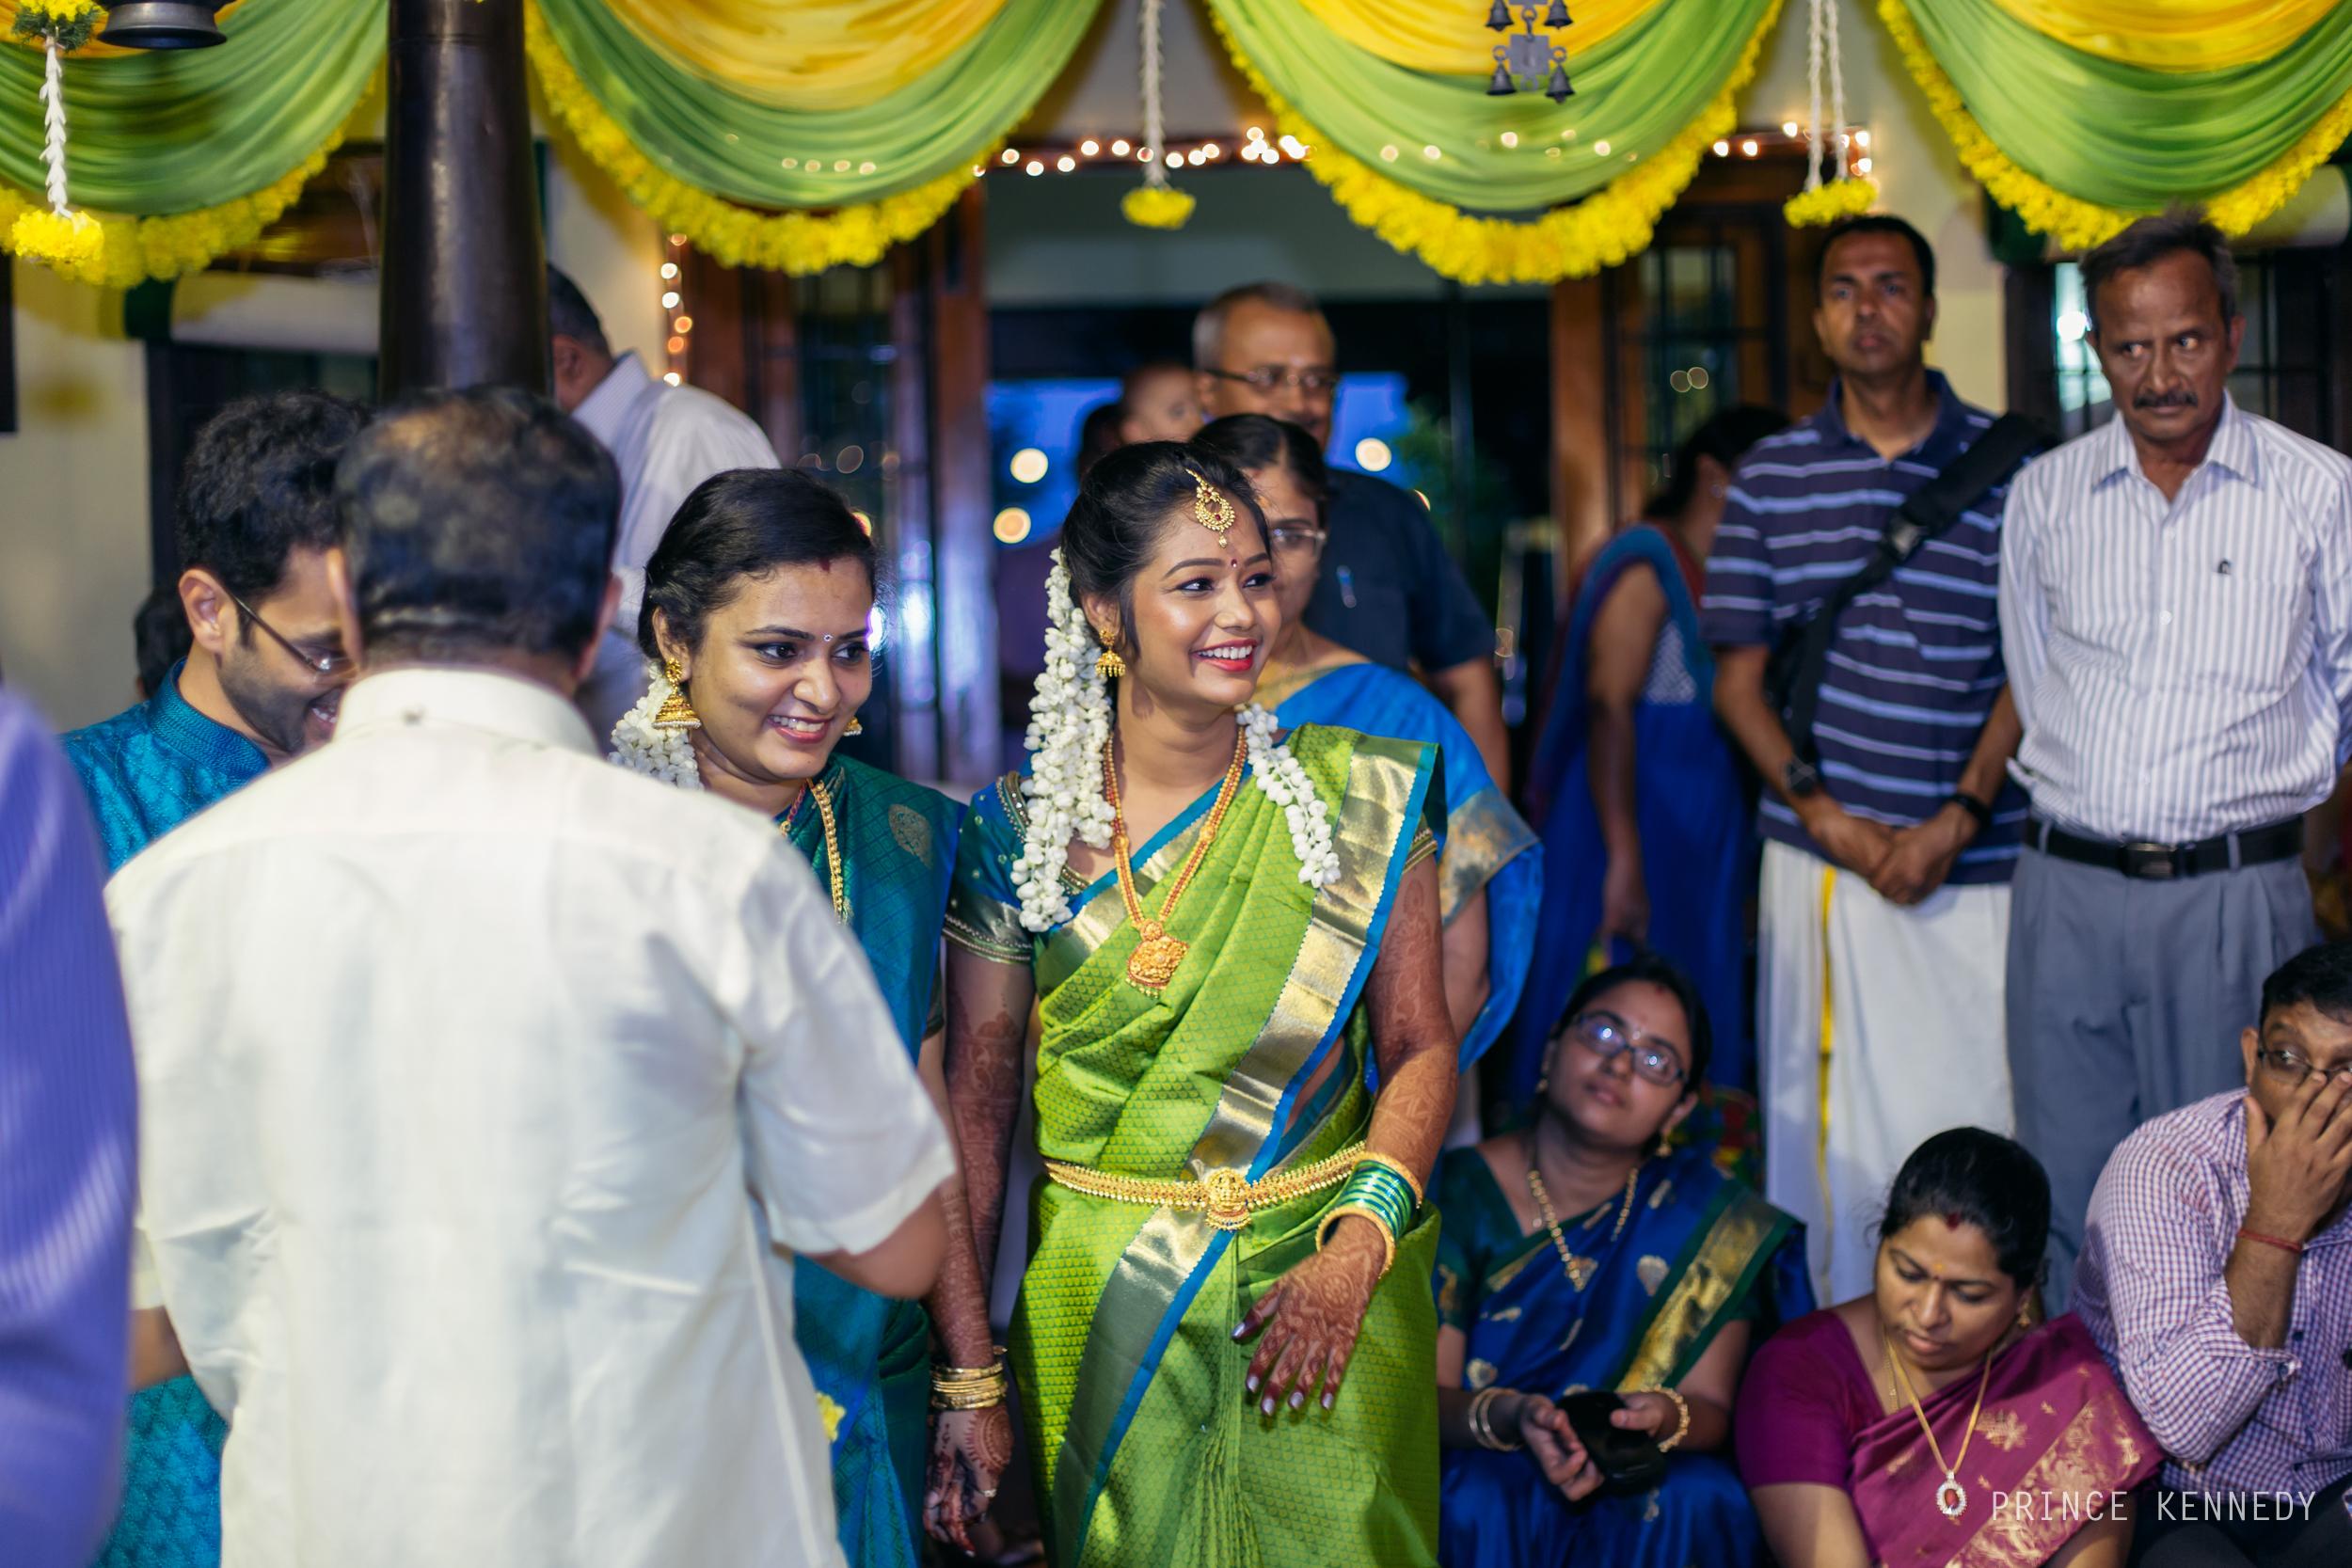 Engagement-Couple-Portrait-Portraiture-Wedding-Couple-Portrait-Chennai-Photographer-Candid-Photography-Destination-Best-Prince-Kennedy-Photography-210.jpg